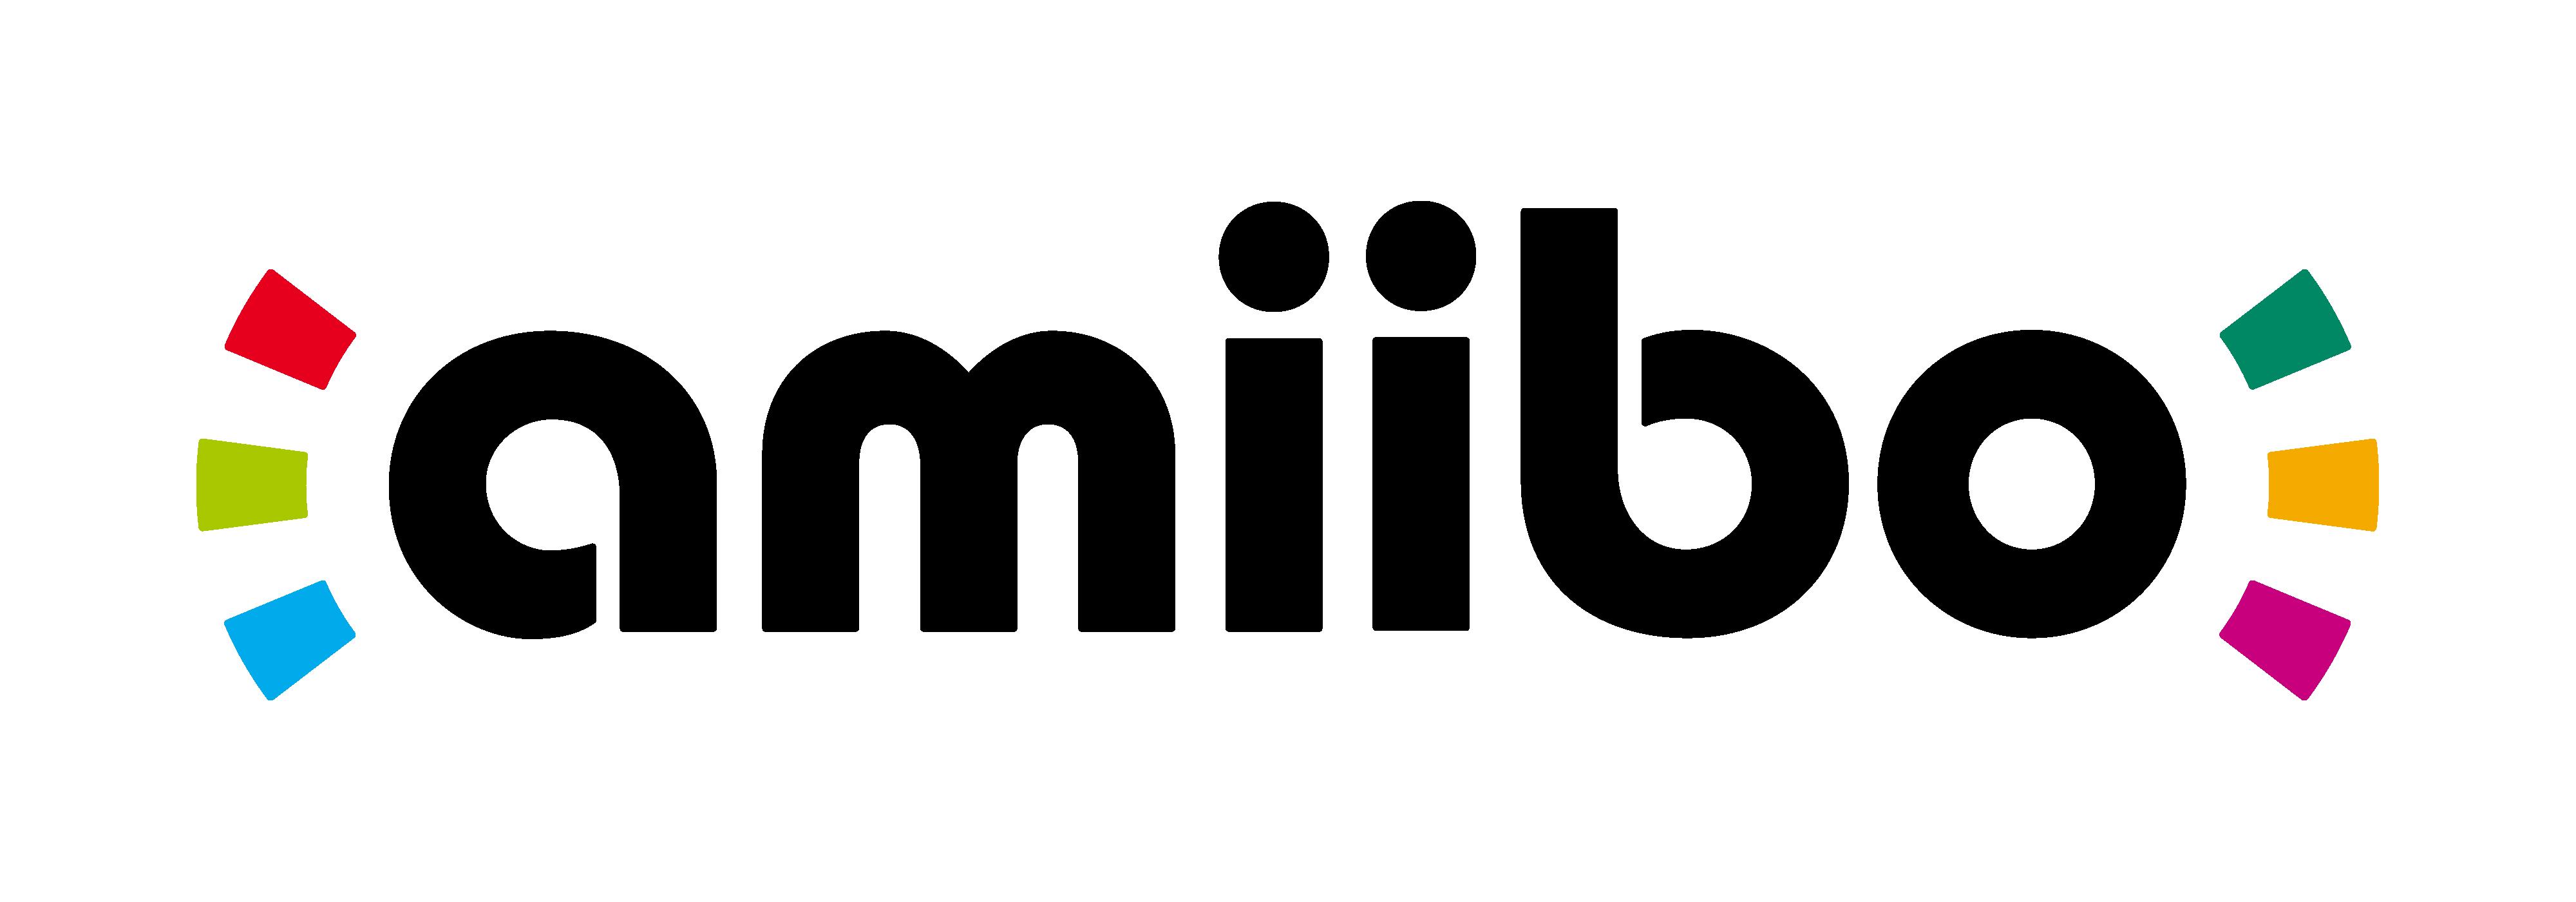 Amiibo_logo.png